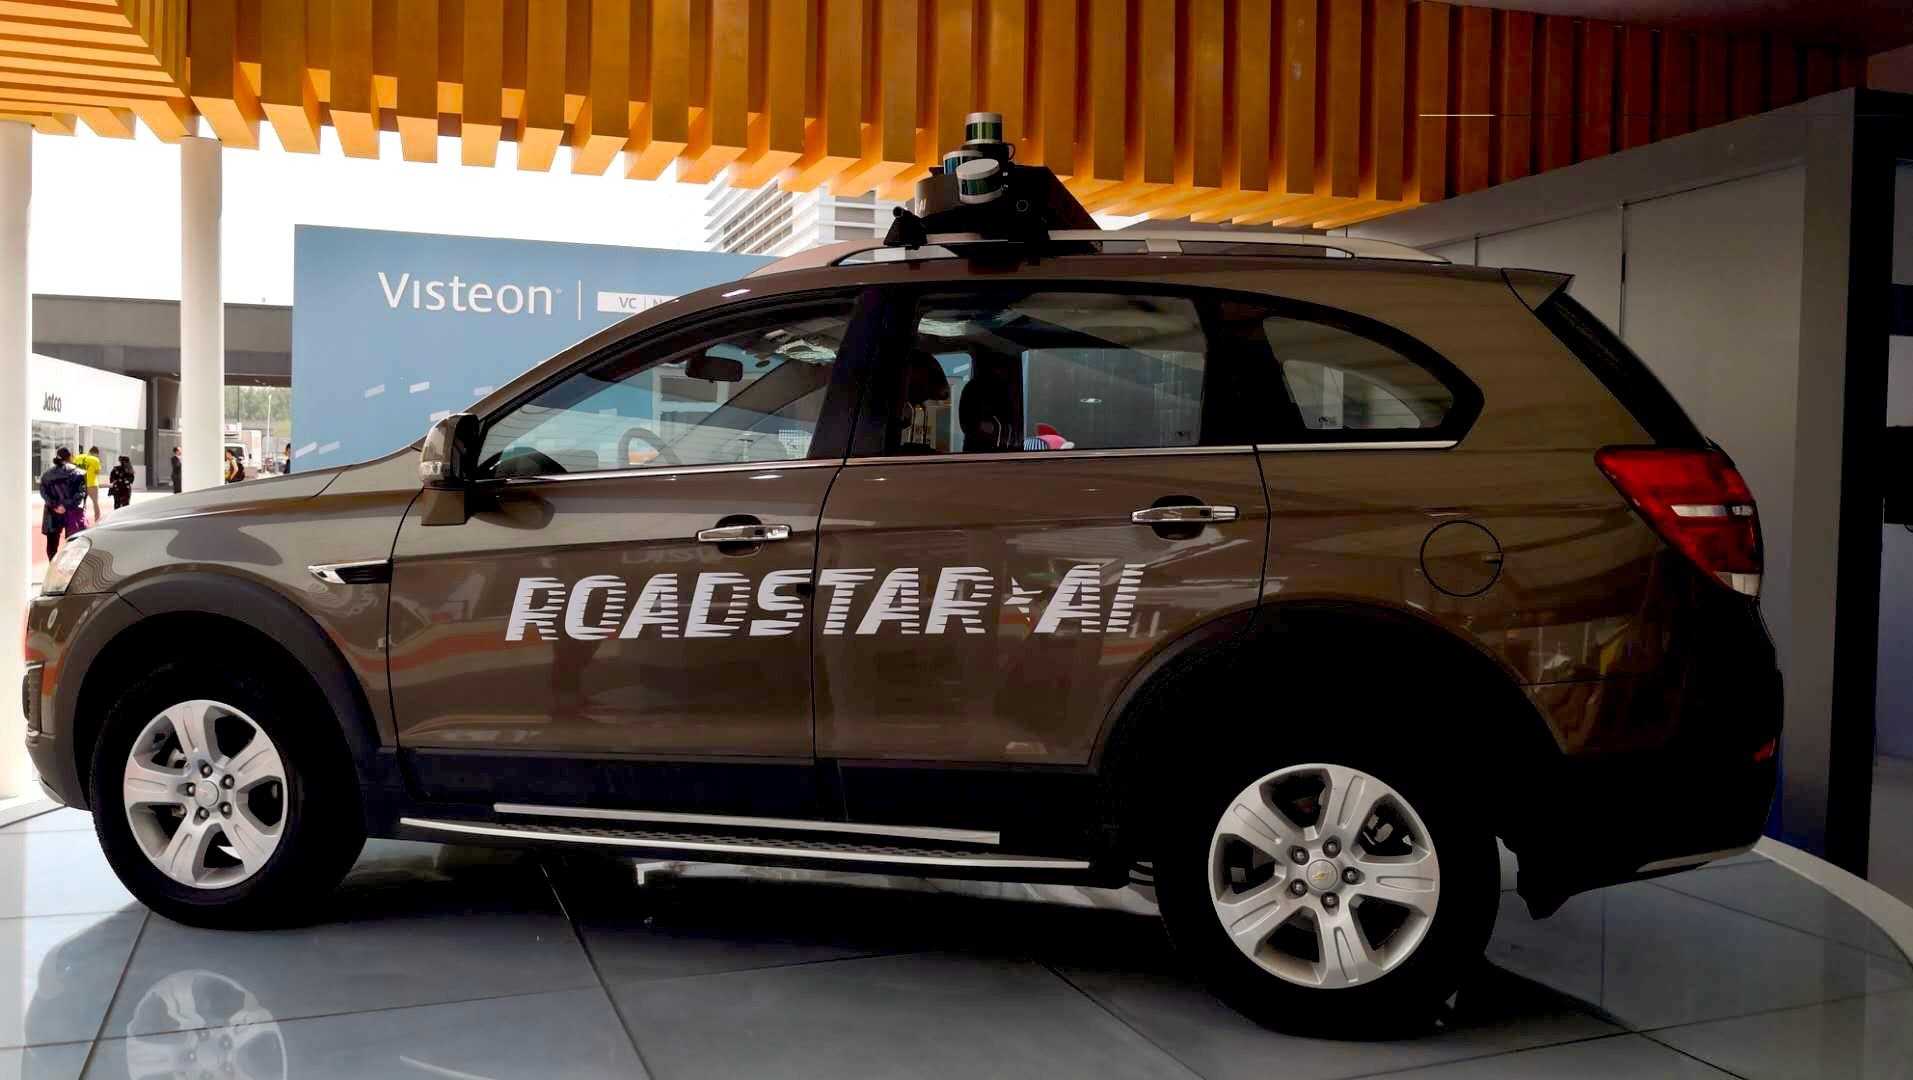 中国无人车Roadstar.ai融资1.28亿美元 国内最高融资额